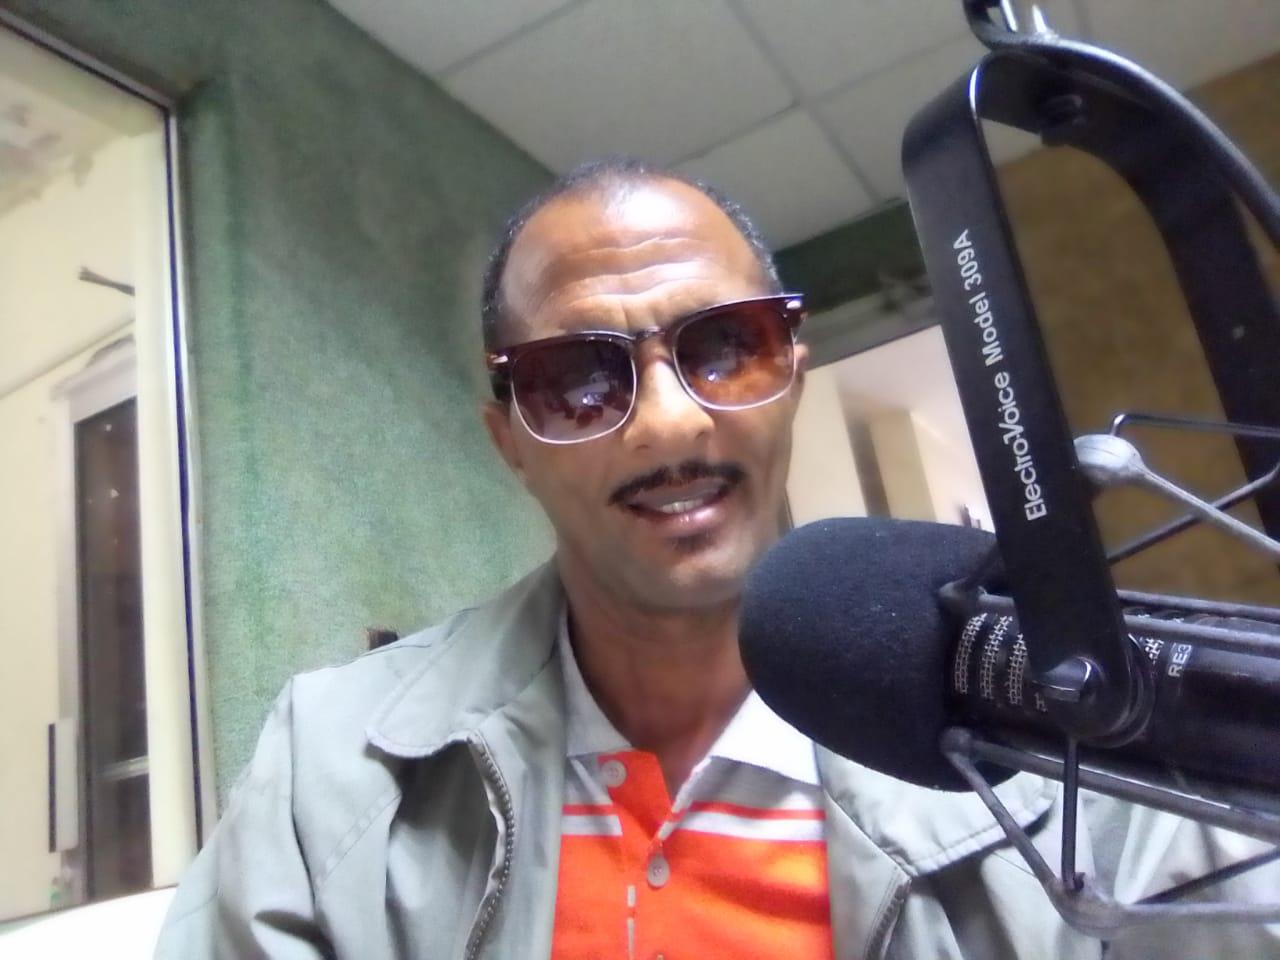 TOCA LA FOTO ENTRA A BAHIA FM